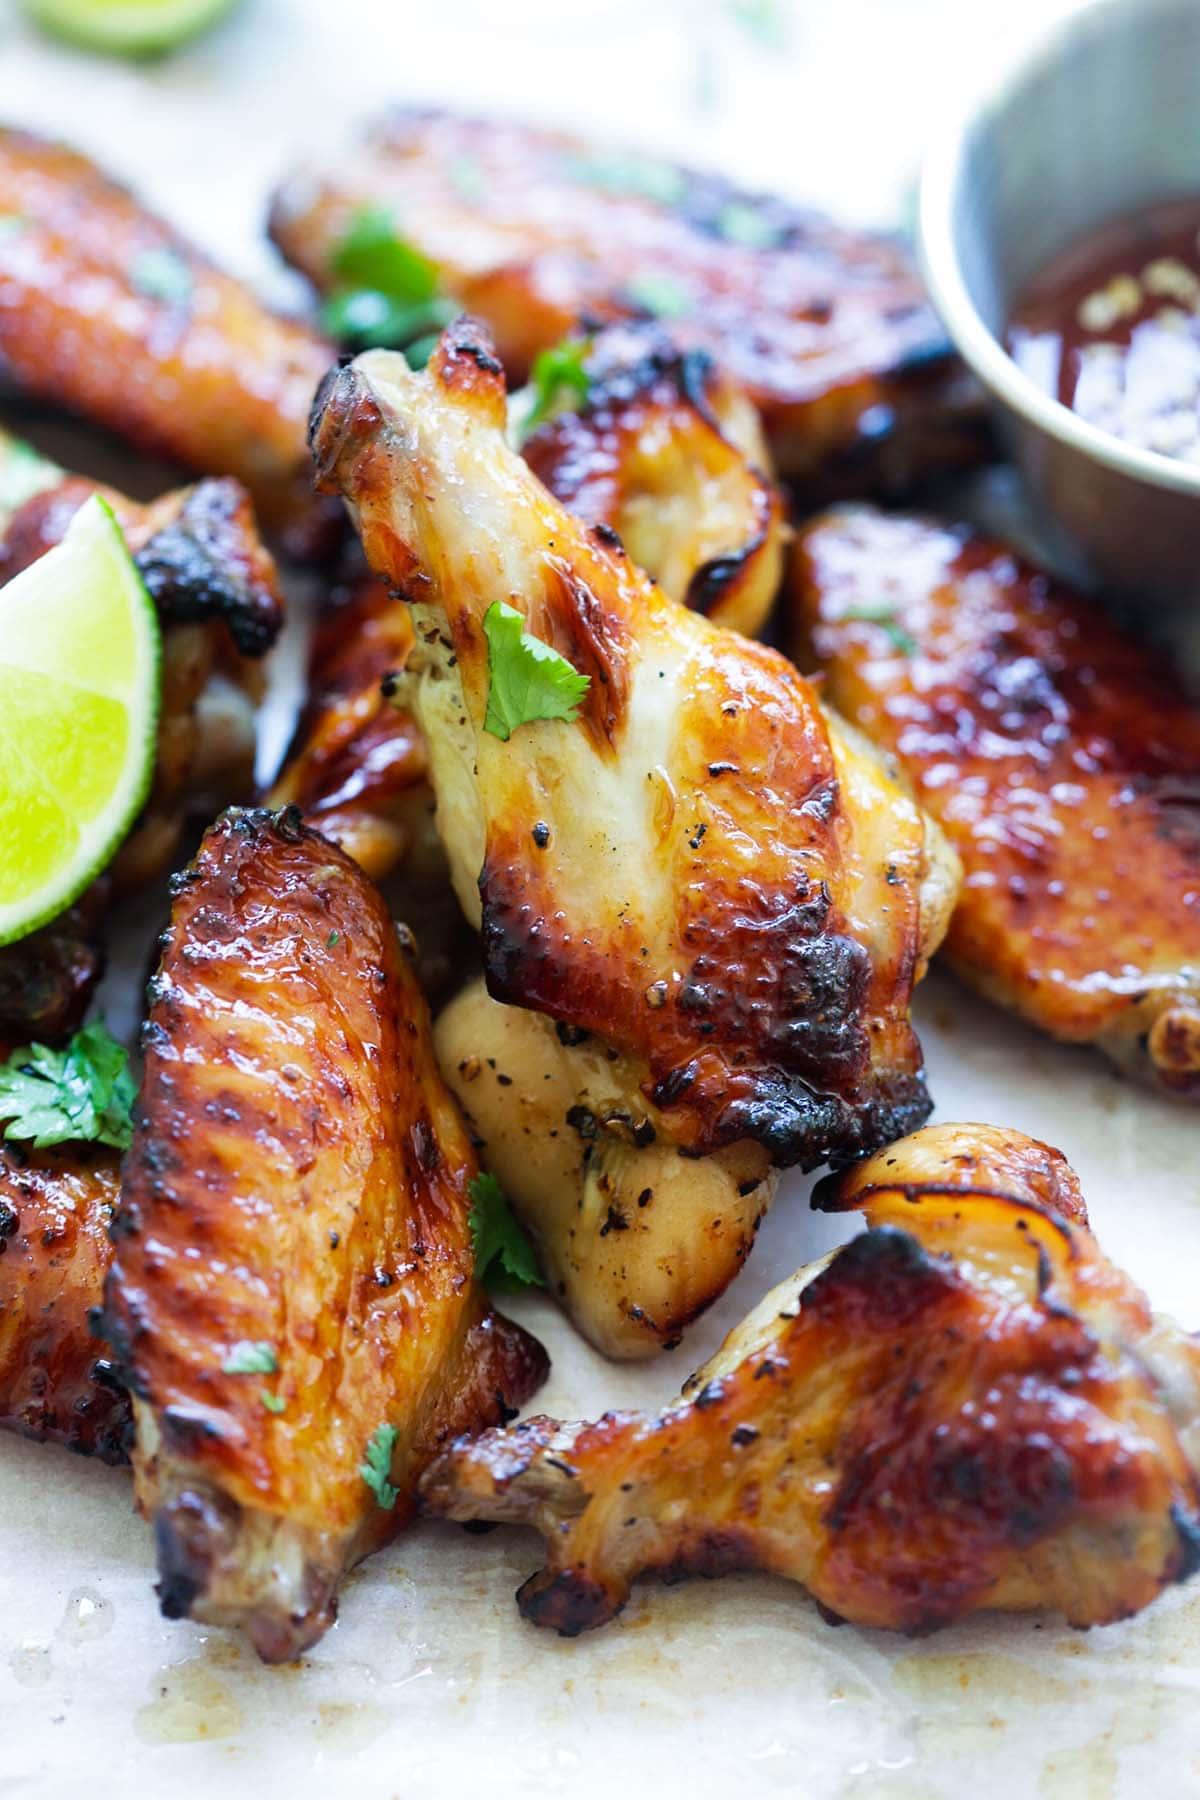 Easy BBQ chicken wings with sweet Thai seasonings.